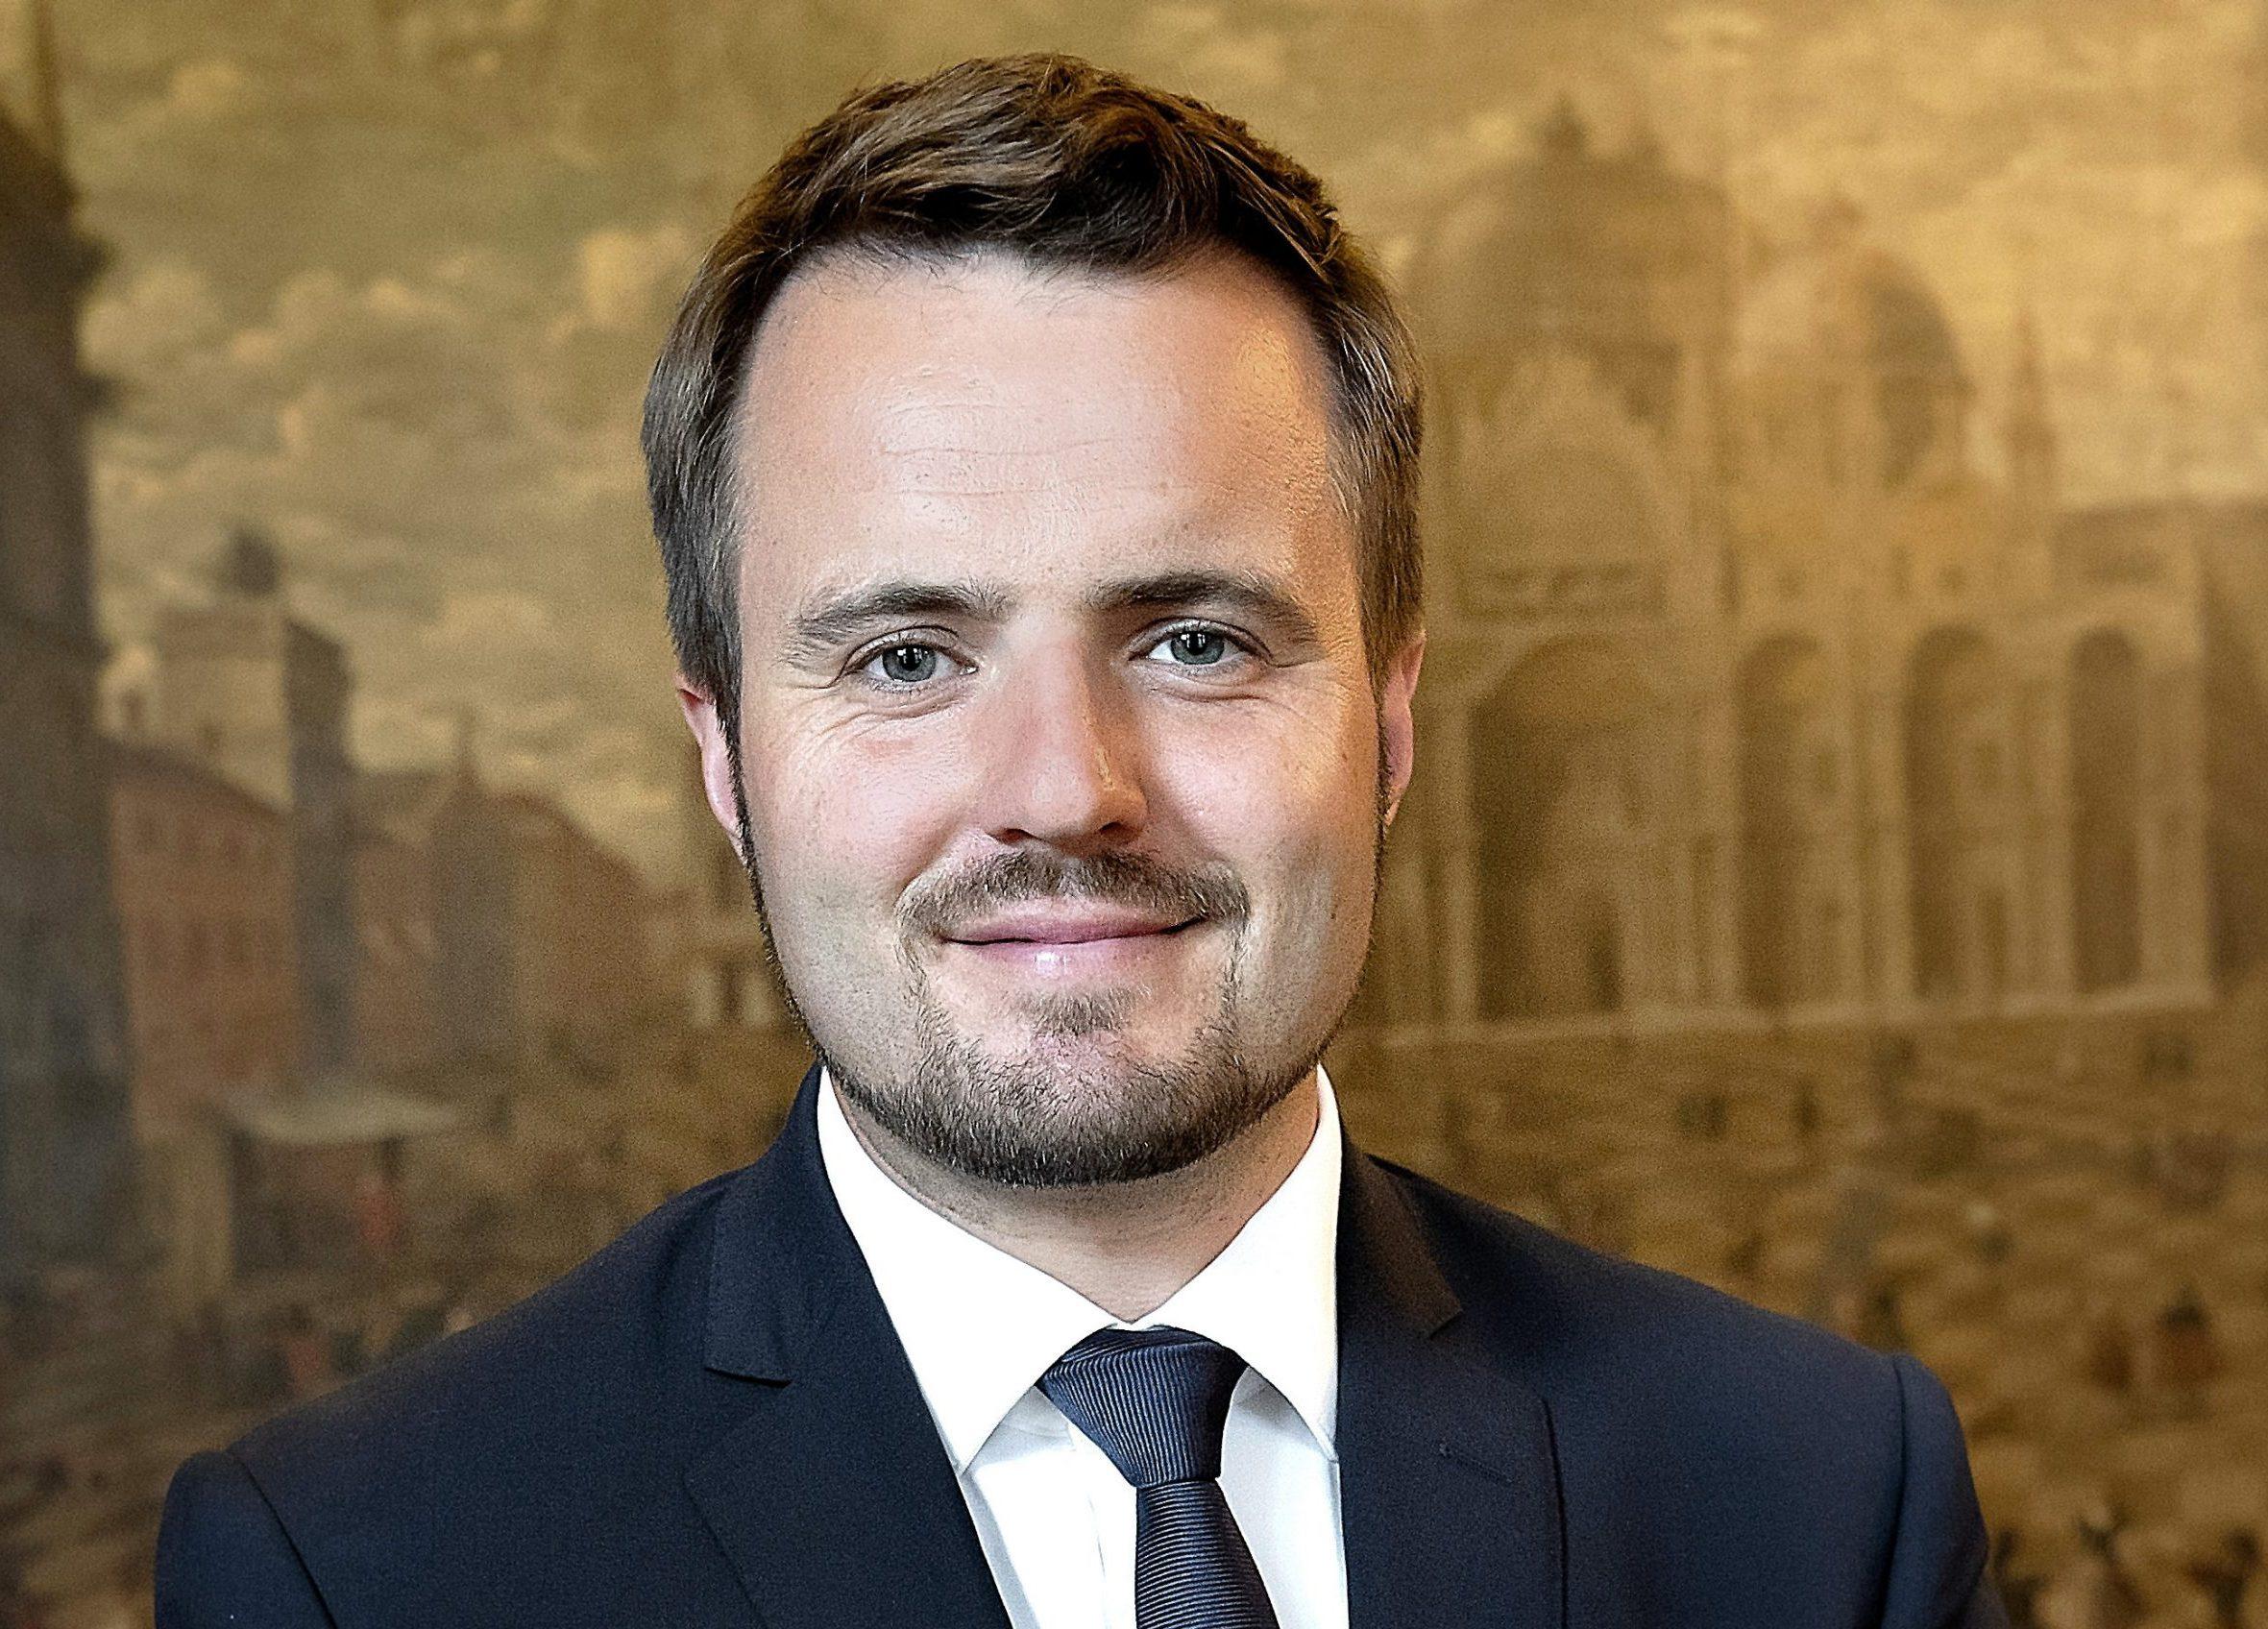 """""""Danmark skal være en af verdens mest bæredygtige turistdestinationer,"""" lyder det fra erhvervsminister Simon Kollerup, der også er turismens minister. Pressefoto: Keld Navntoft."""